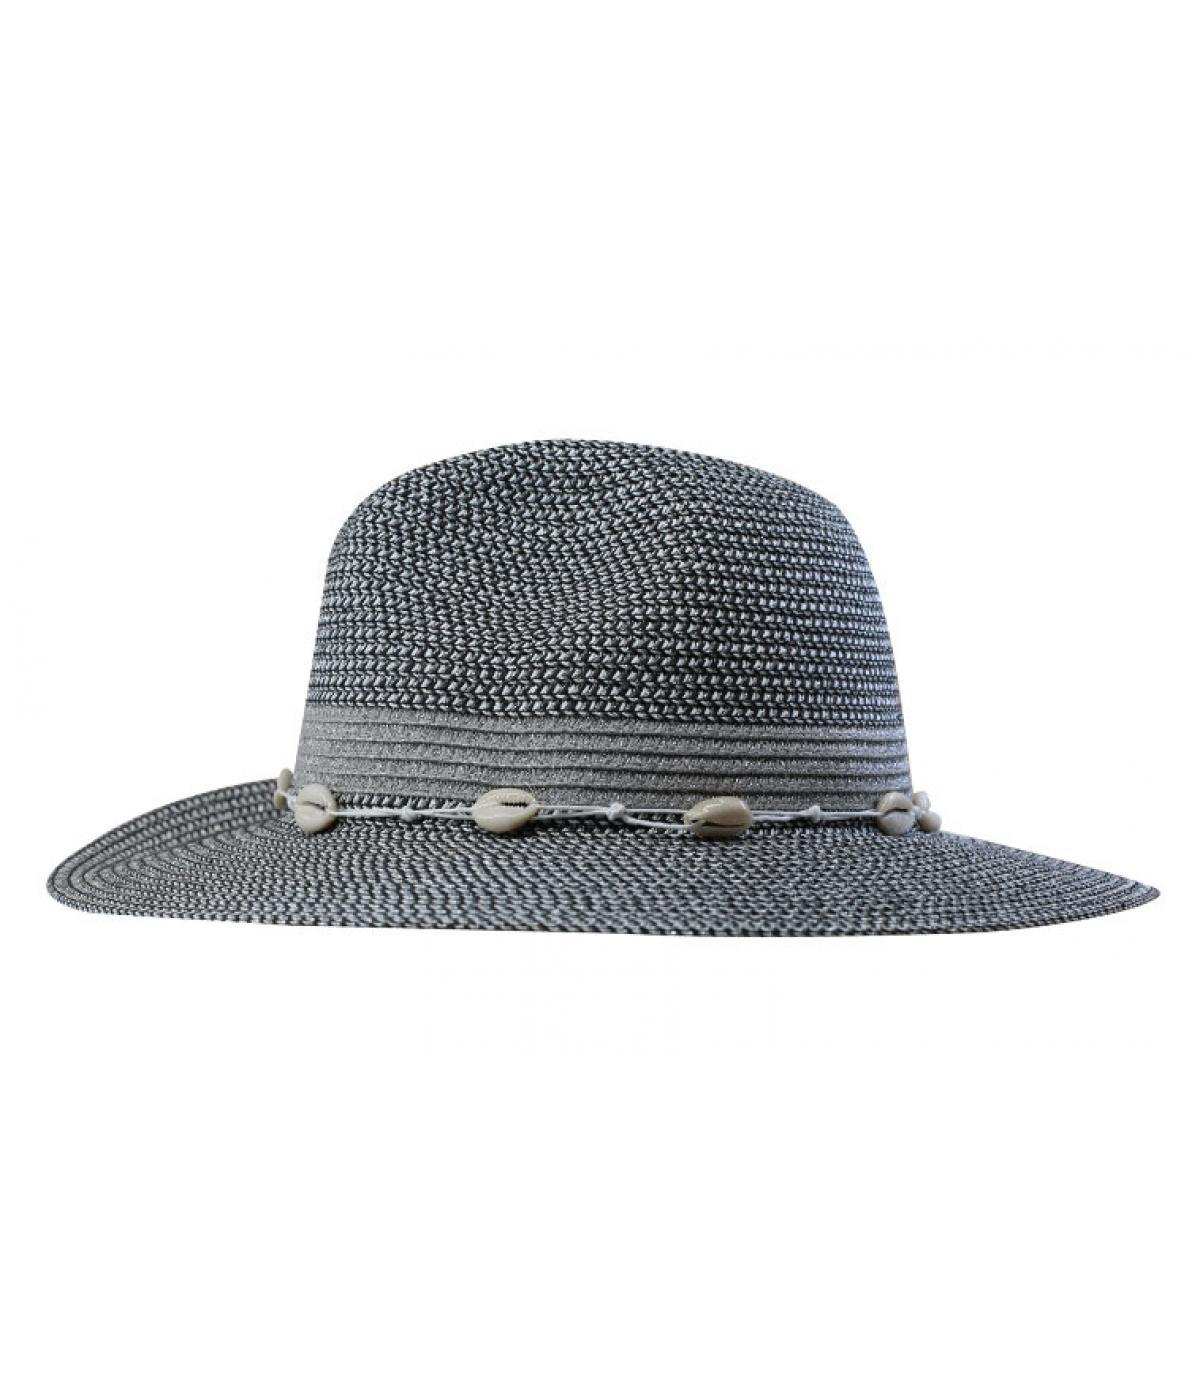 cappello di paglia a strisce argentate